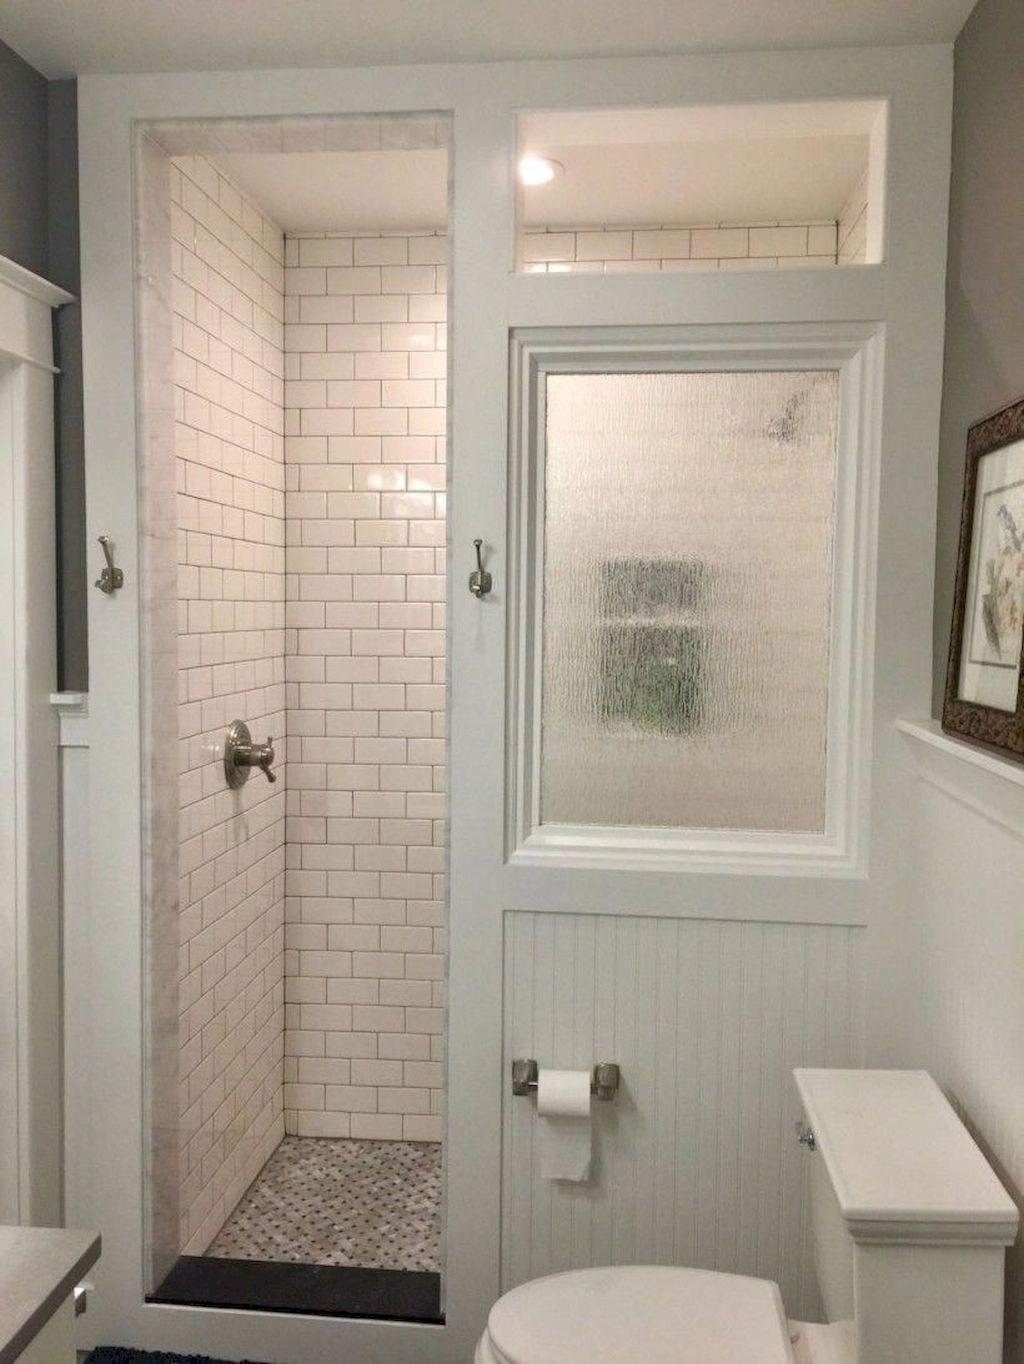 65 Stunning Bathroom Shower Tile Remodel Design Ideas - frontbackhome